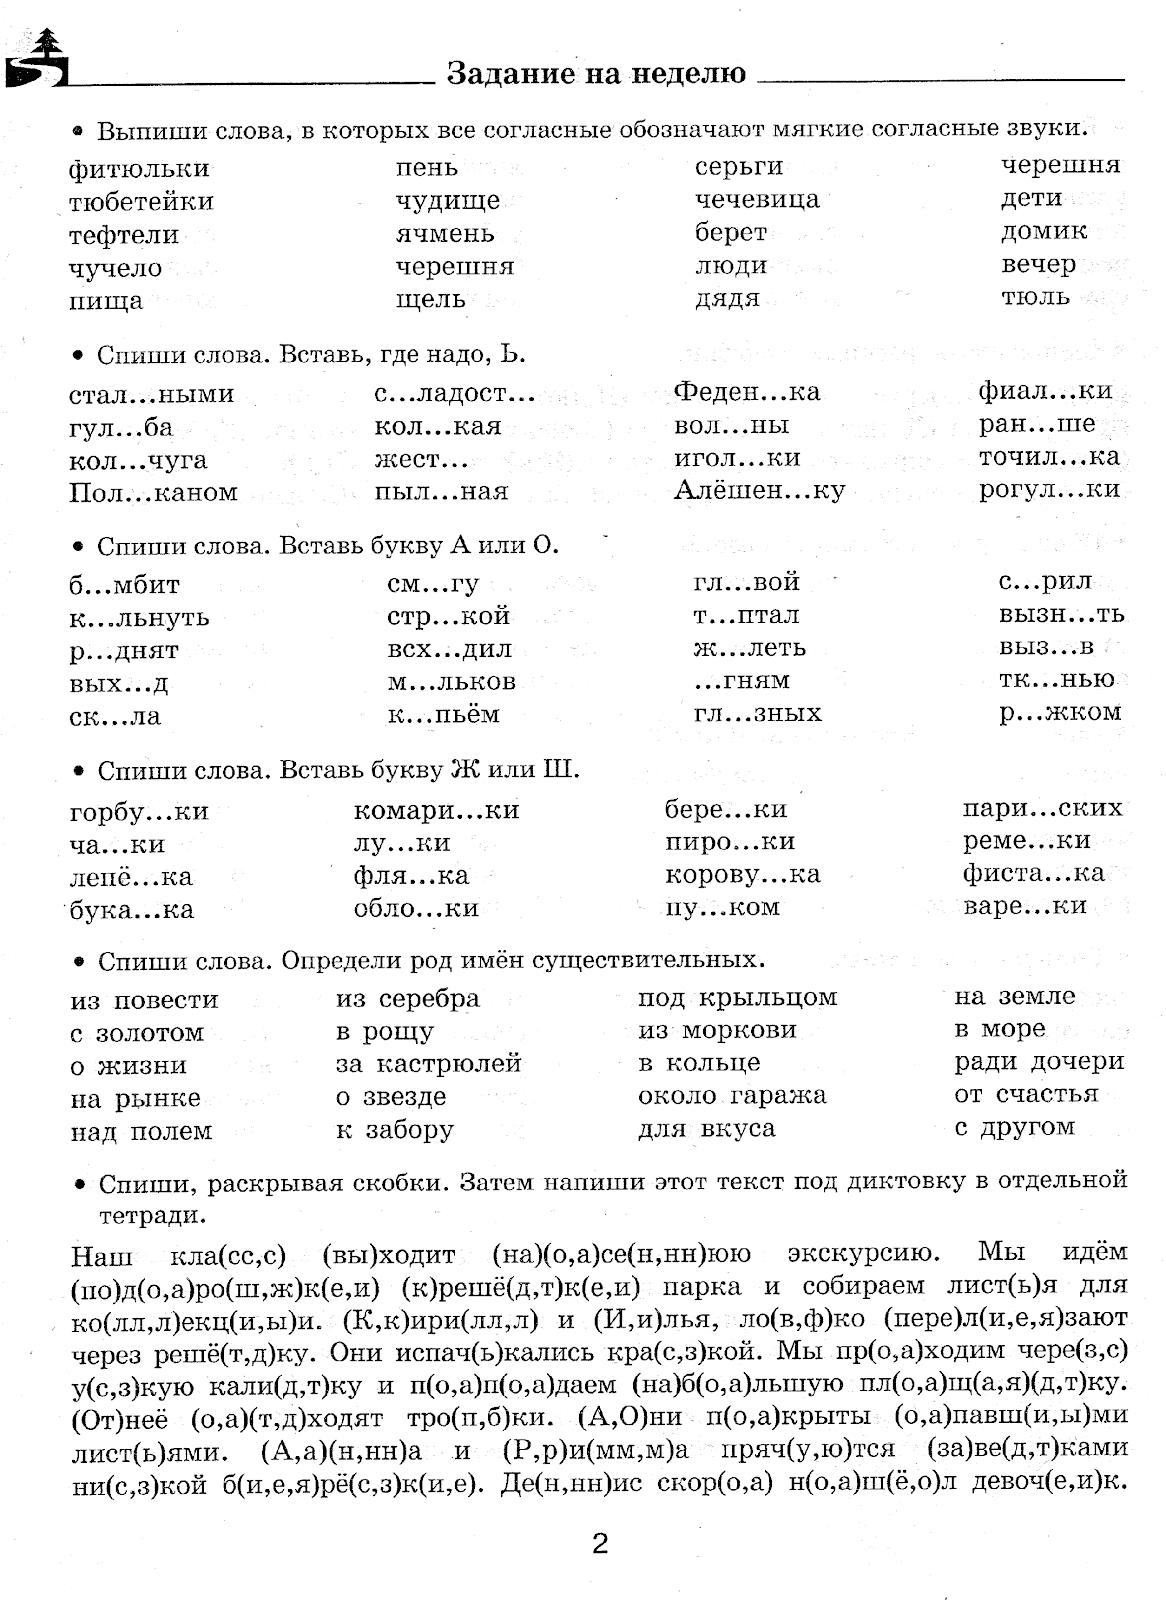 C:\Users\admin\Desktop\Задания по русскому языку для повторения и закрепления 3 класс\2.png